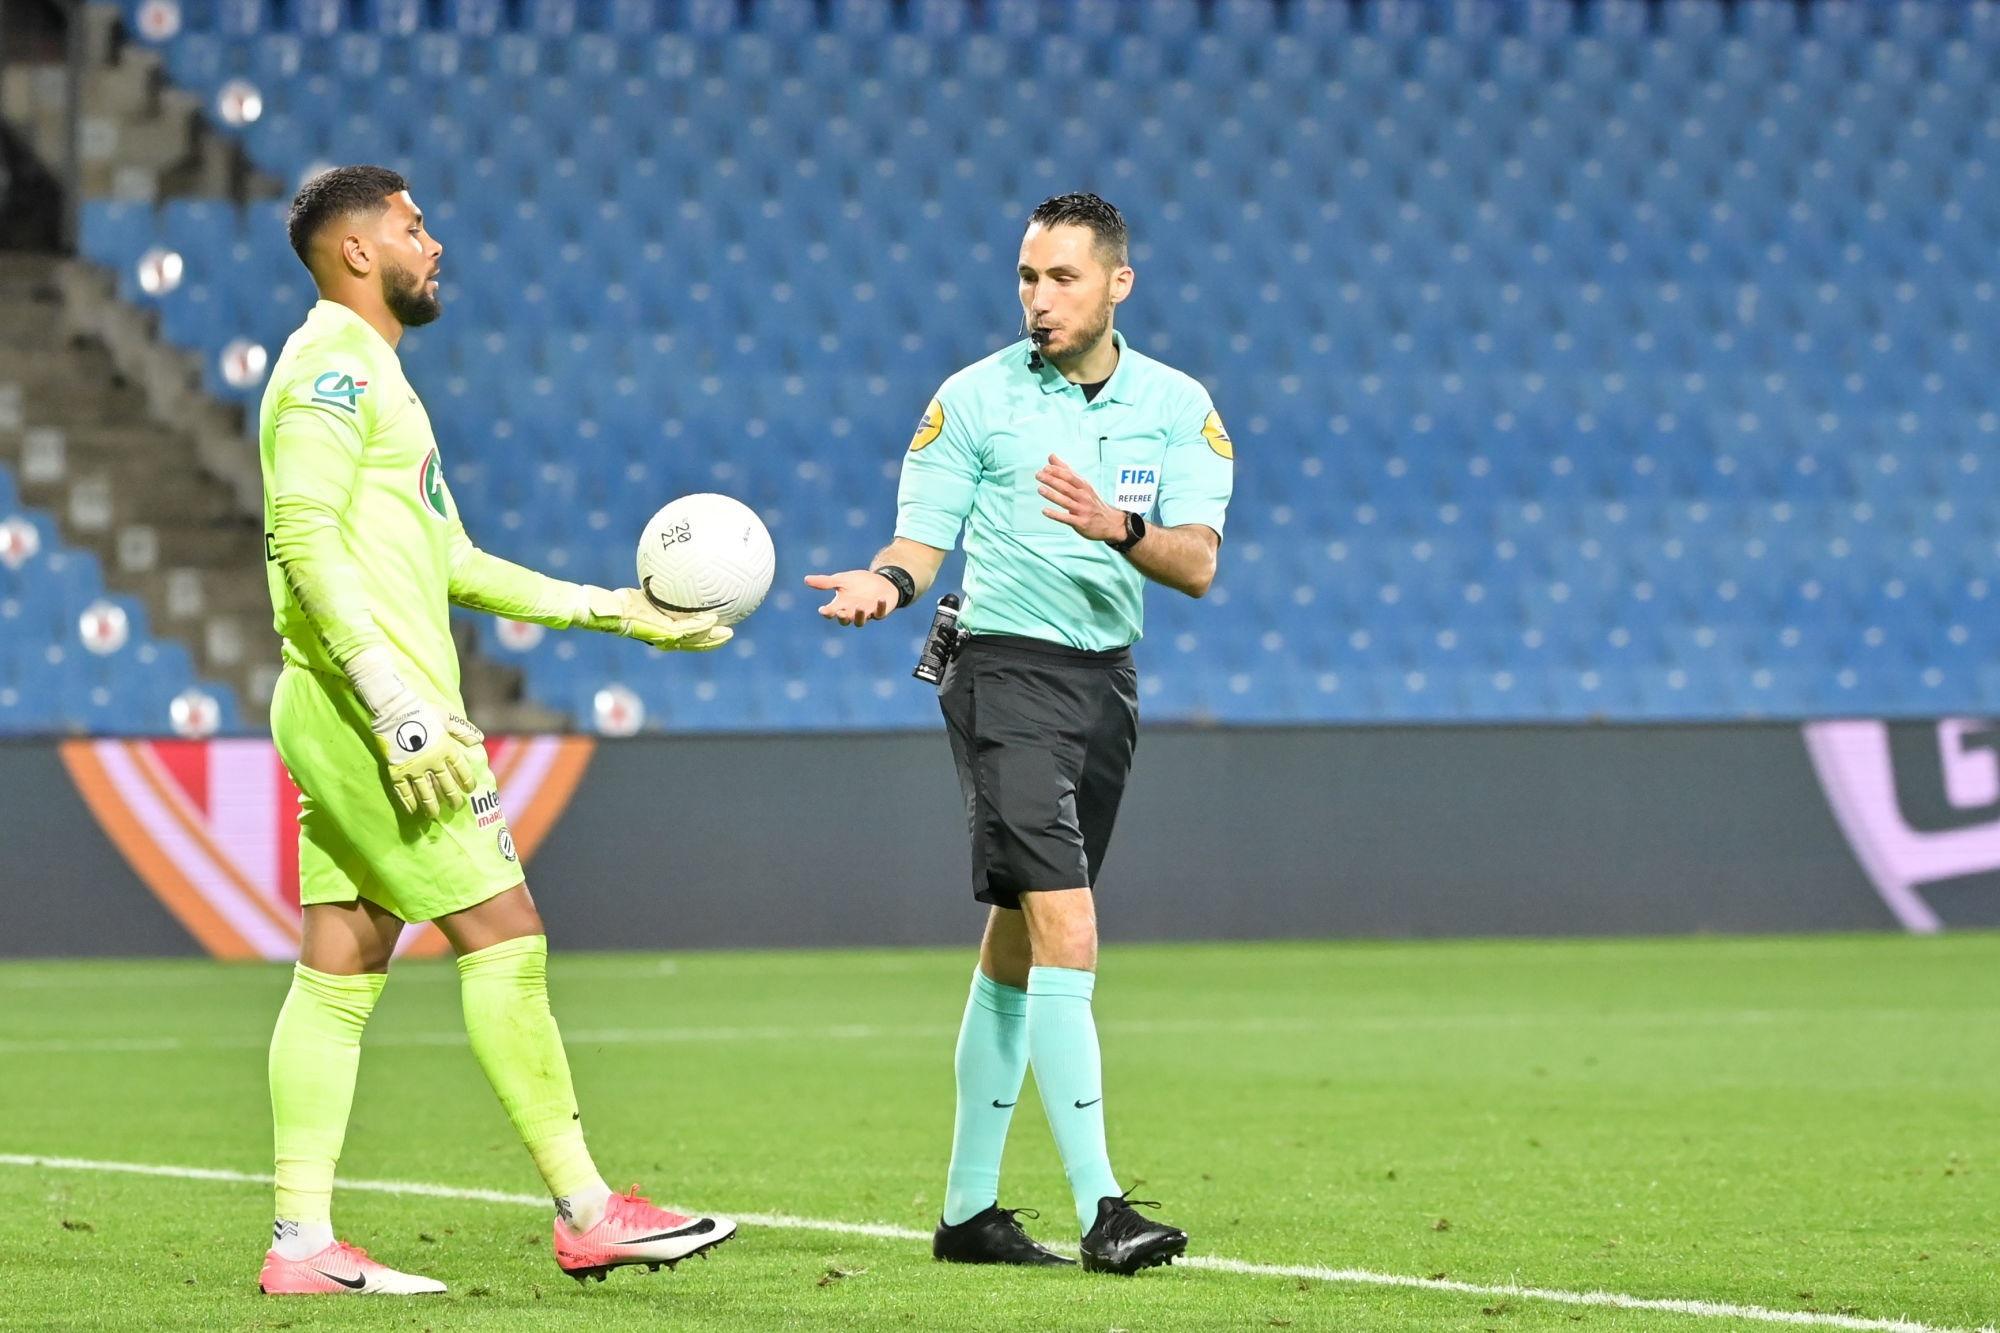 """Montpellier/PSG - Bertaud """"C'est cruel, on a fait un très gros match"""""""